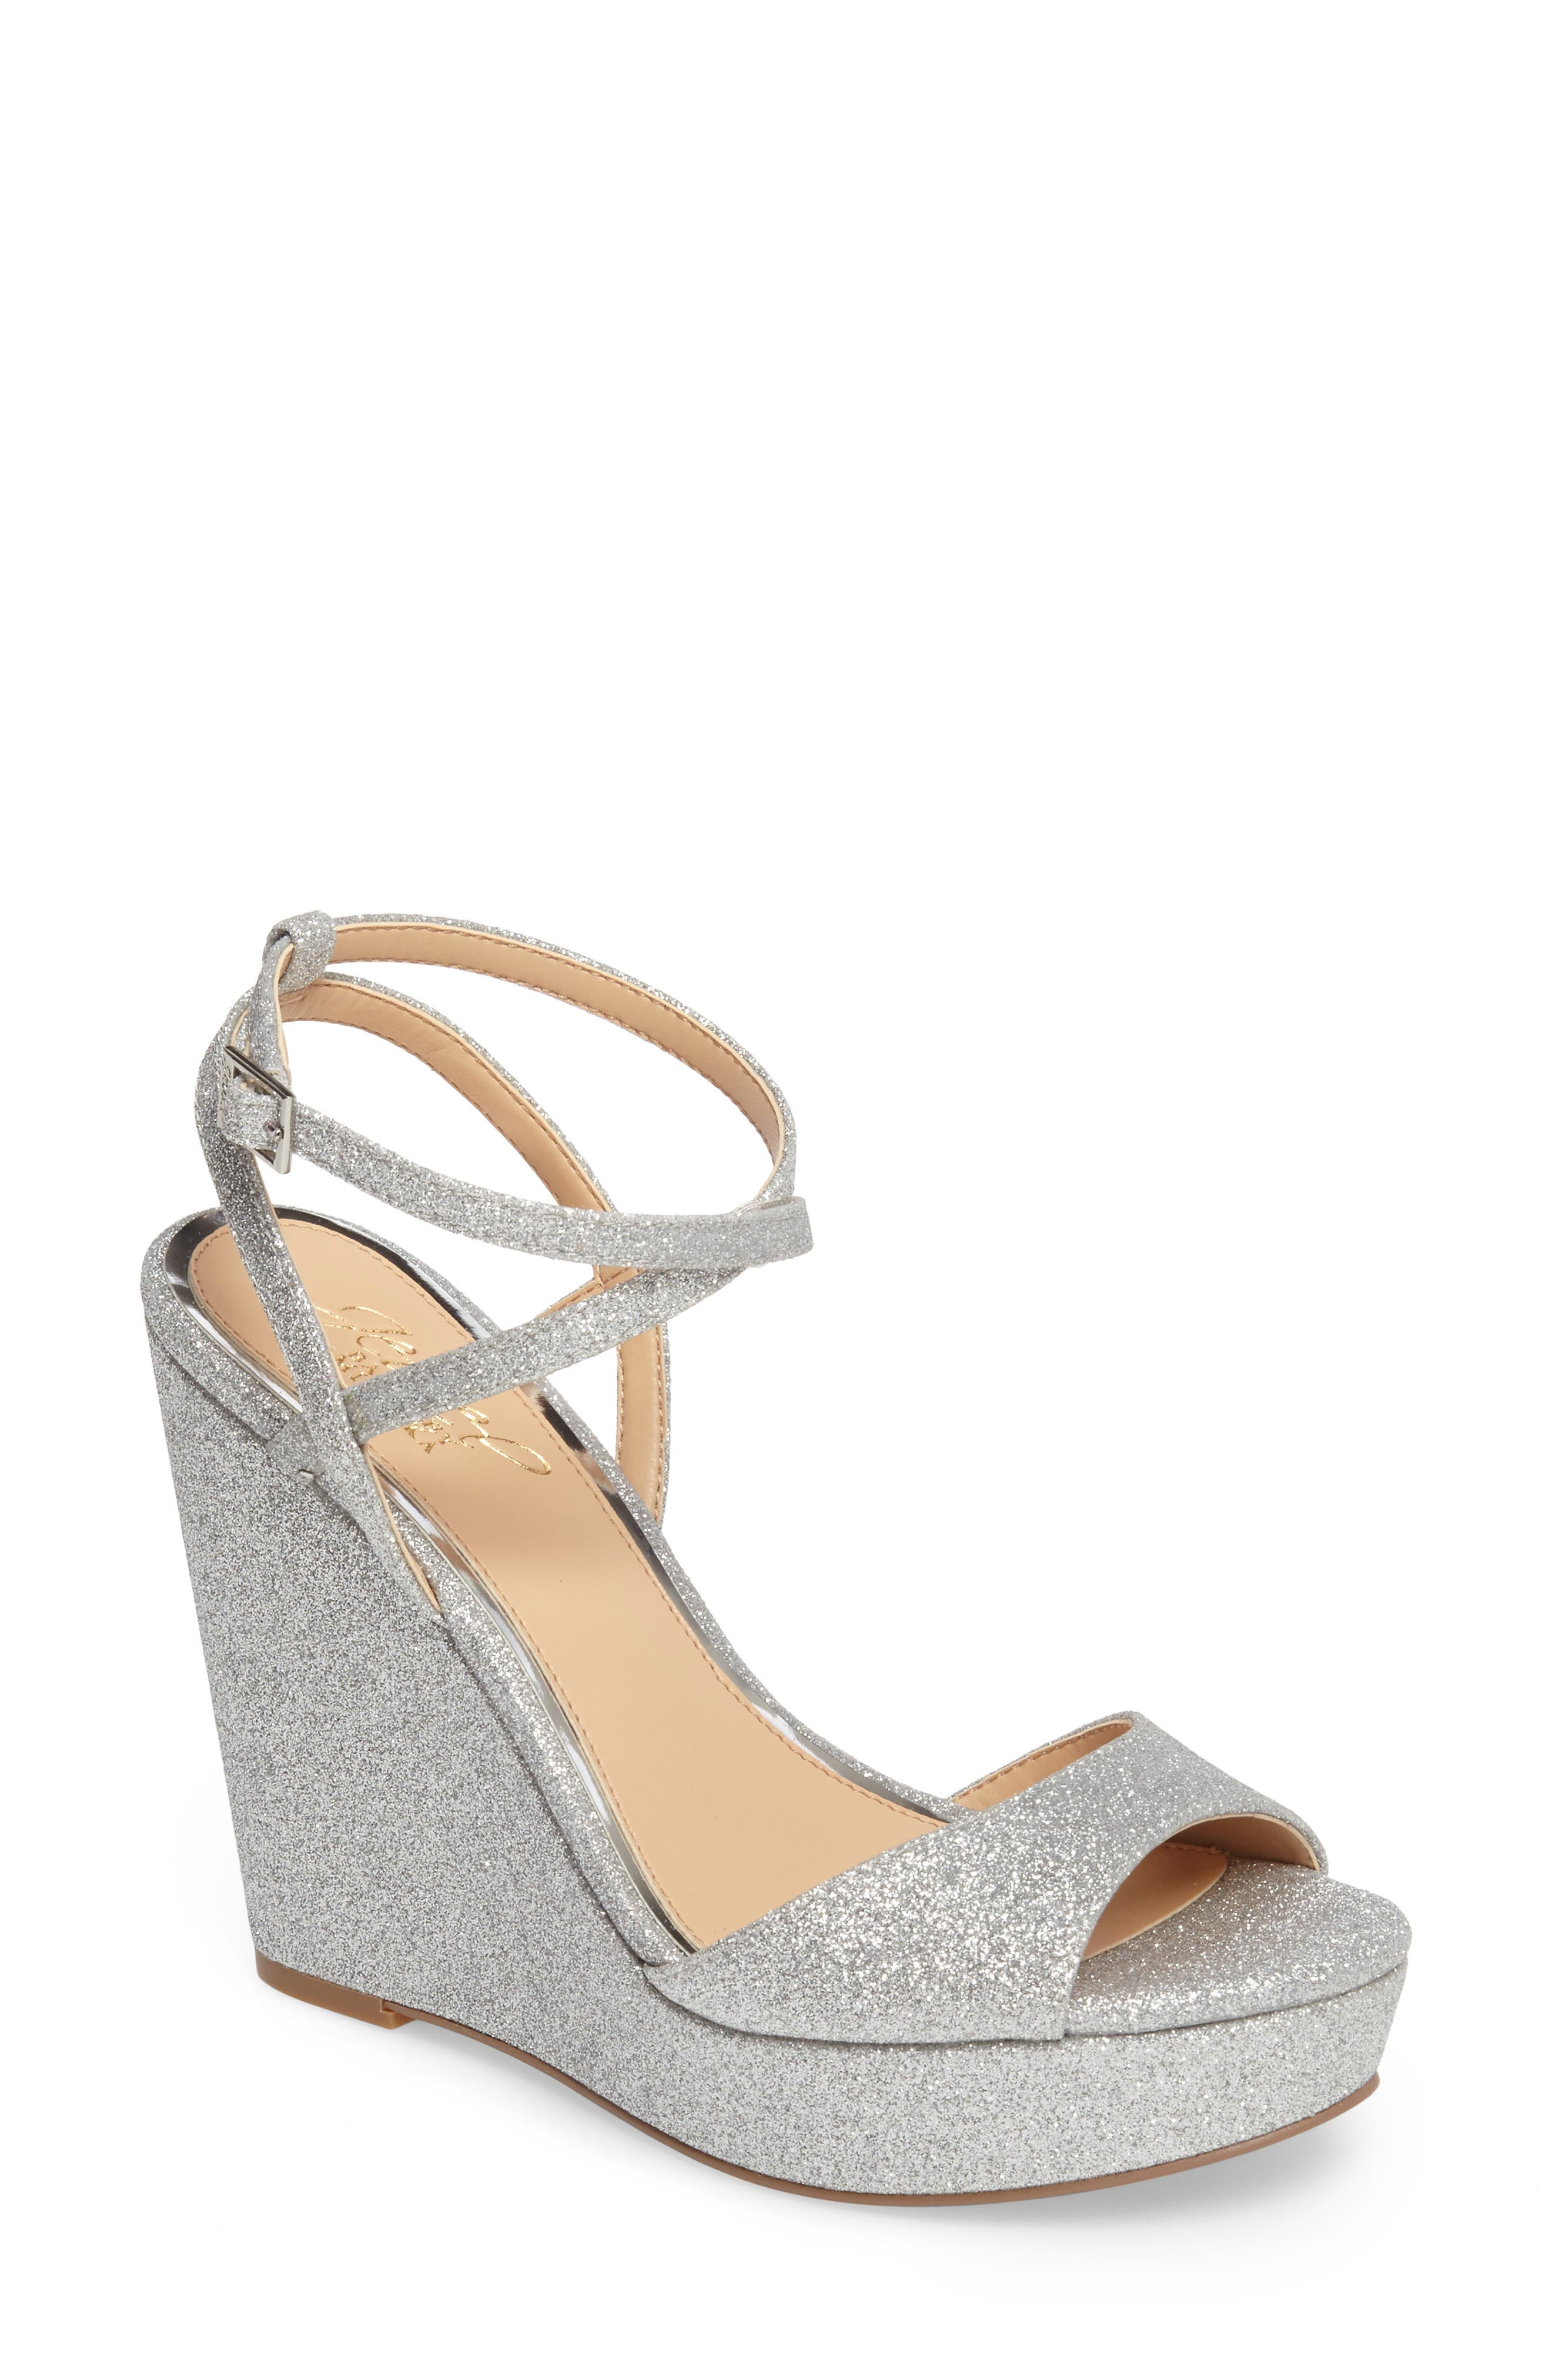 Jewel Badgley Mischka Ambrosia Wedge Sandal- Metallic